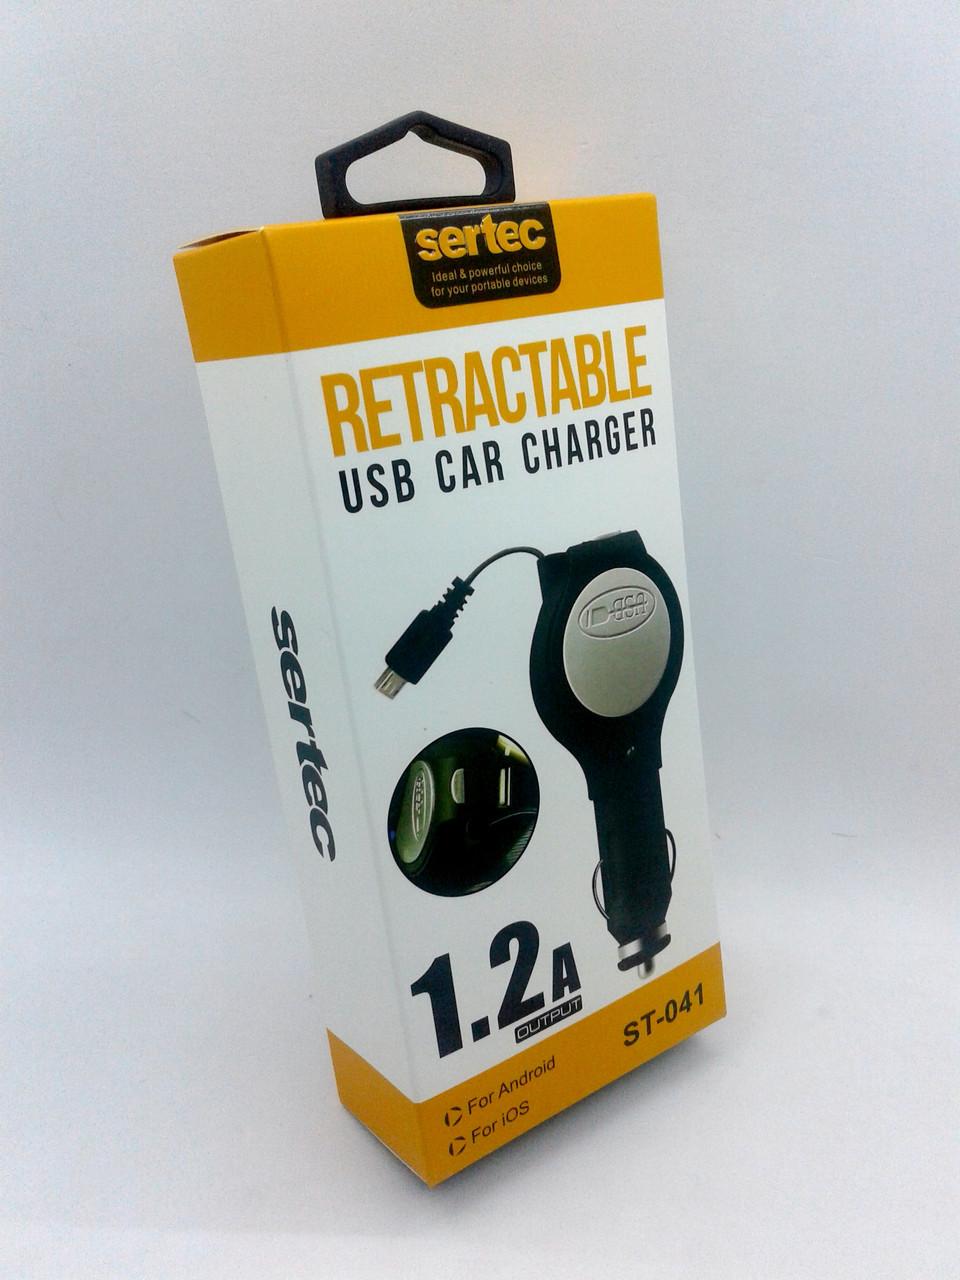 Автомобильное зарядное устройство Sertec ST-041 1200 mAh 1 Usb с выдвижным шнуром iPhone